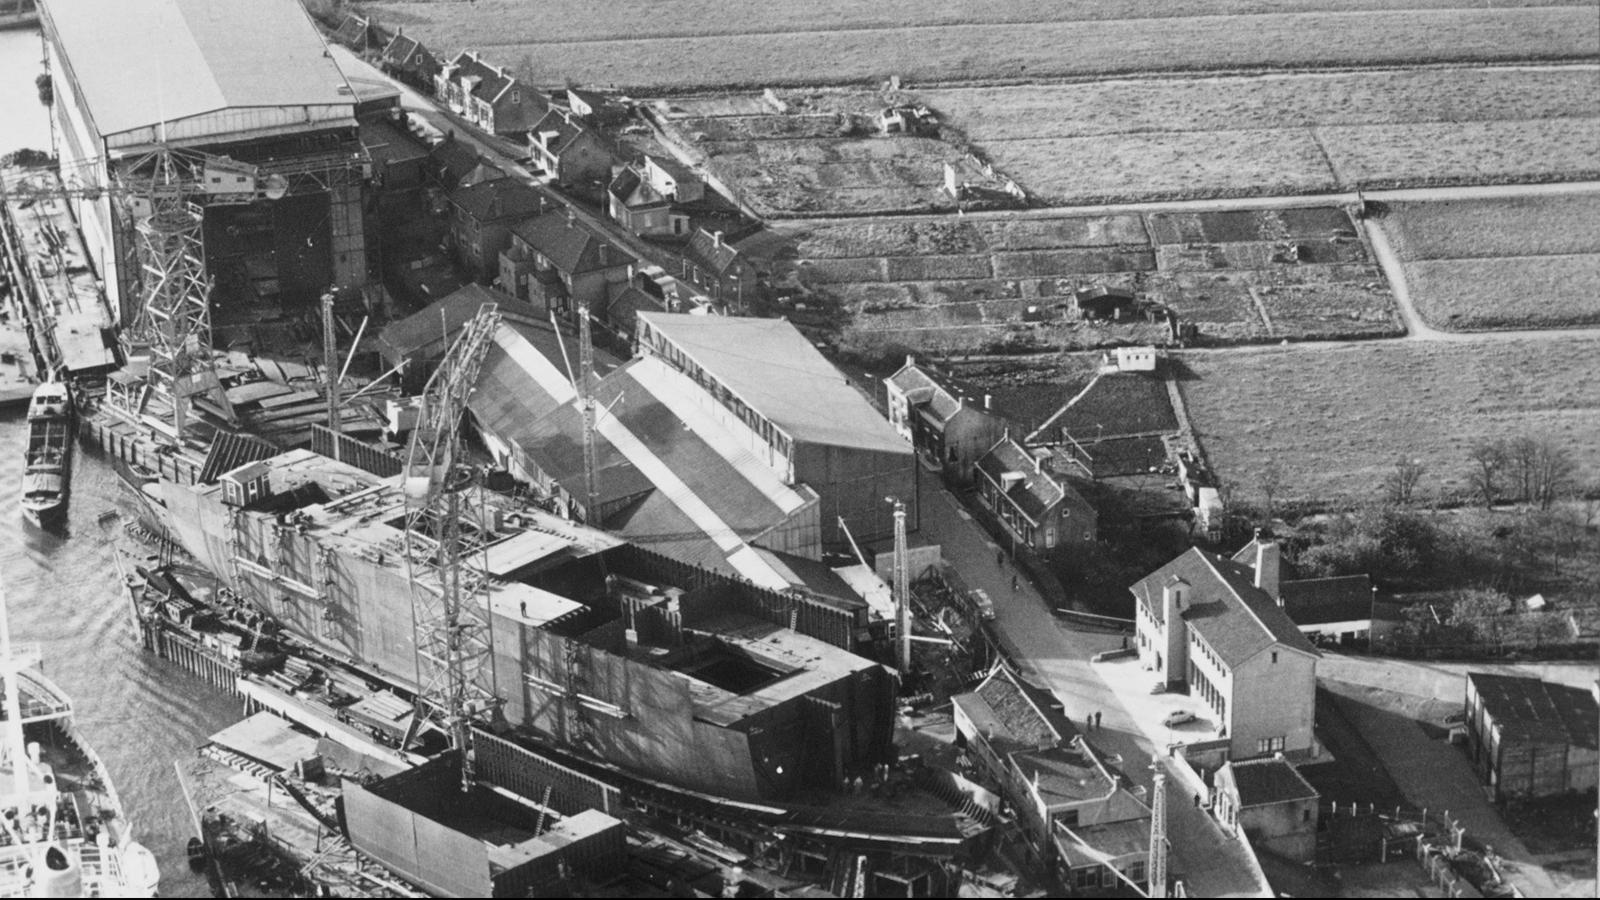 Image: Vuyk's shipyard in 1948